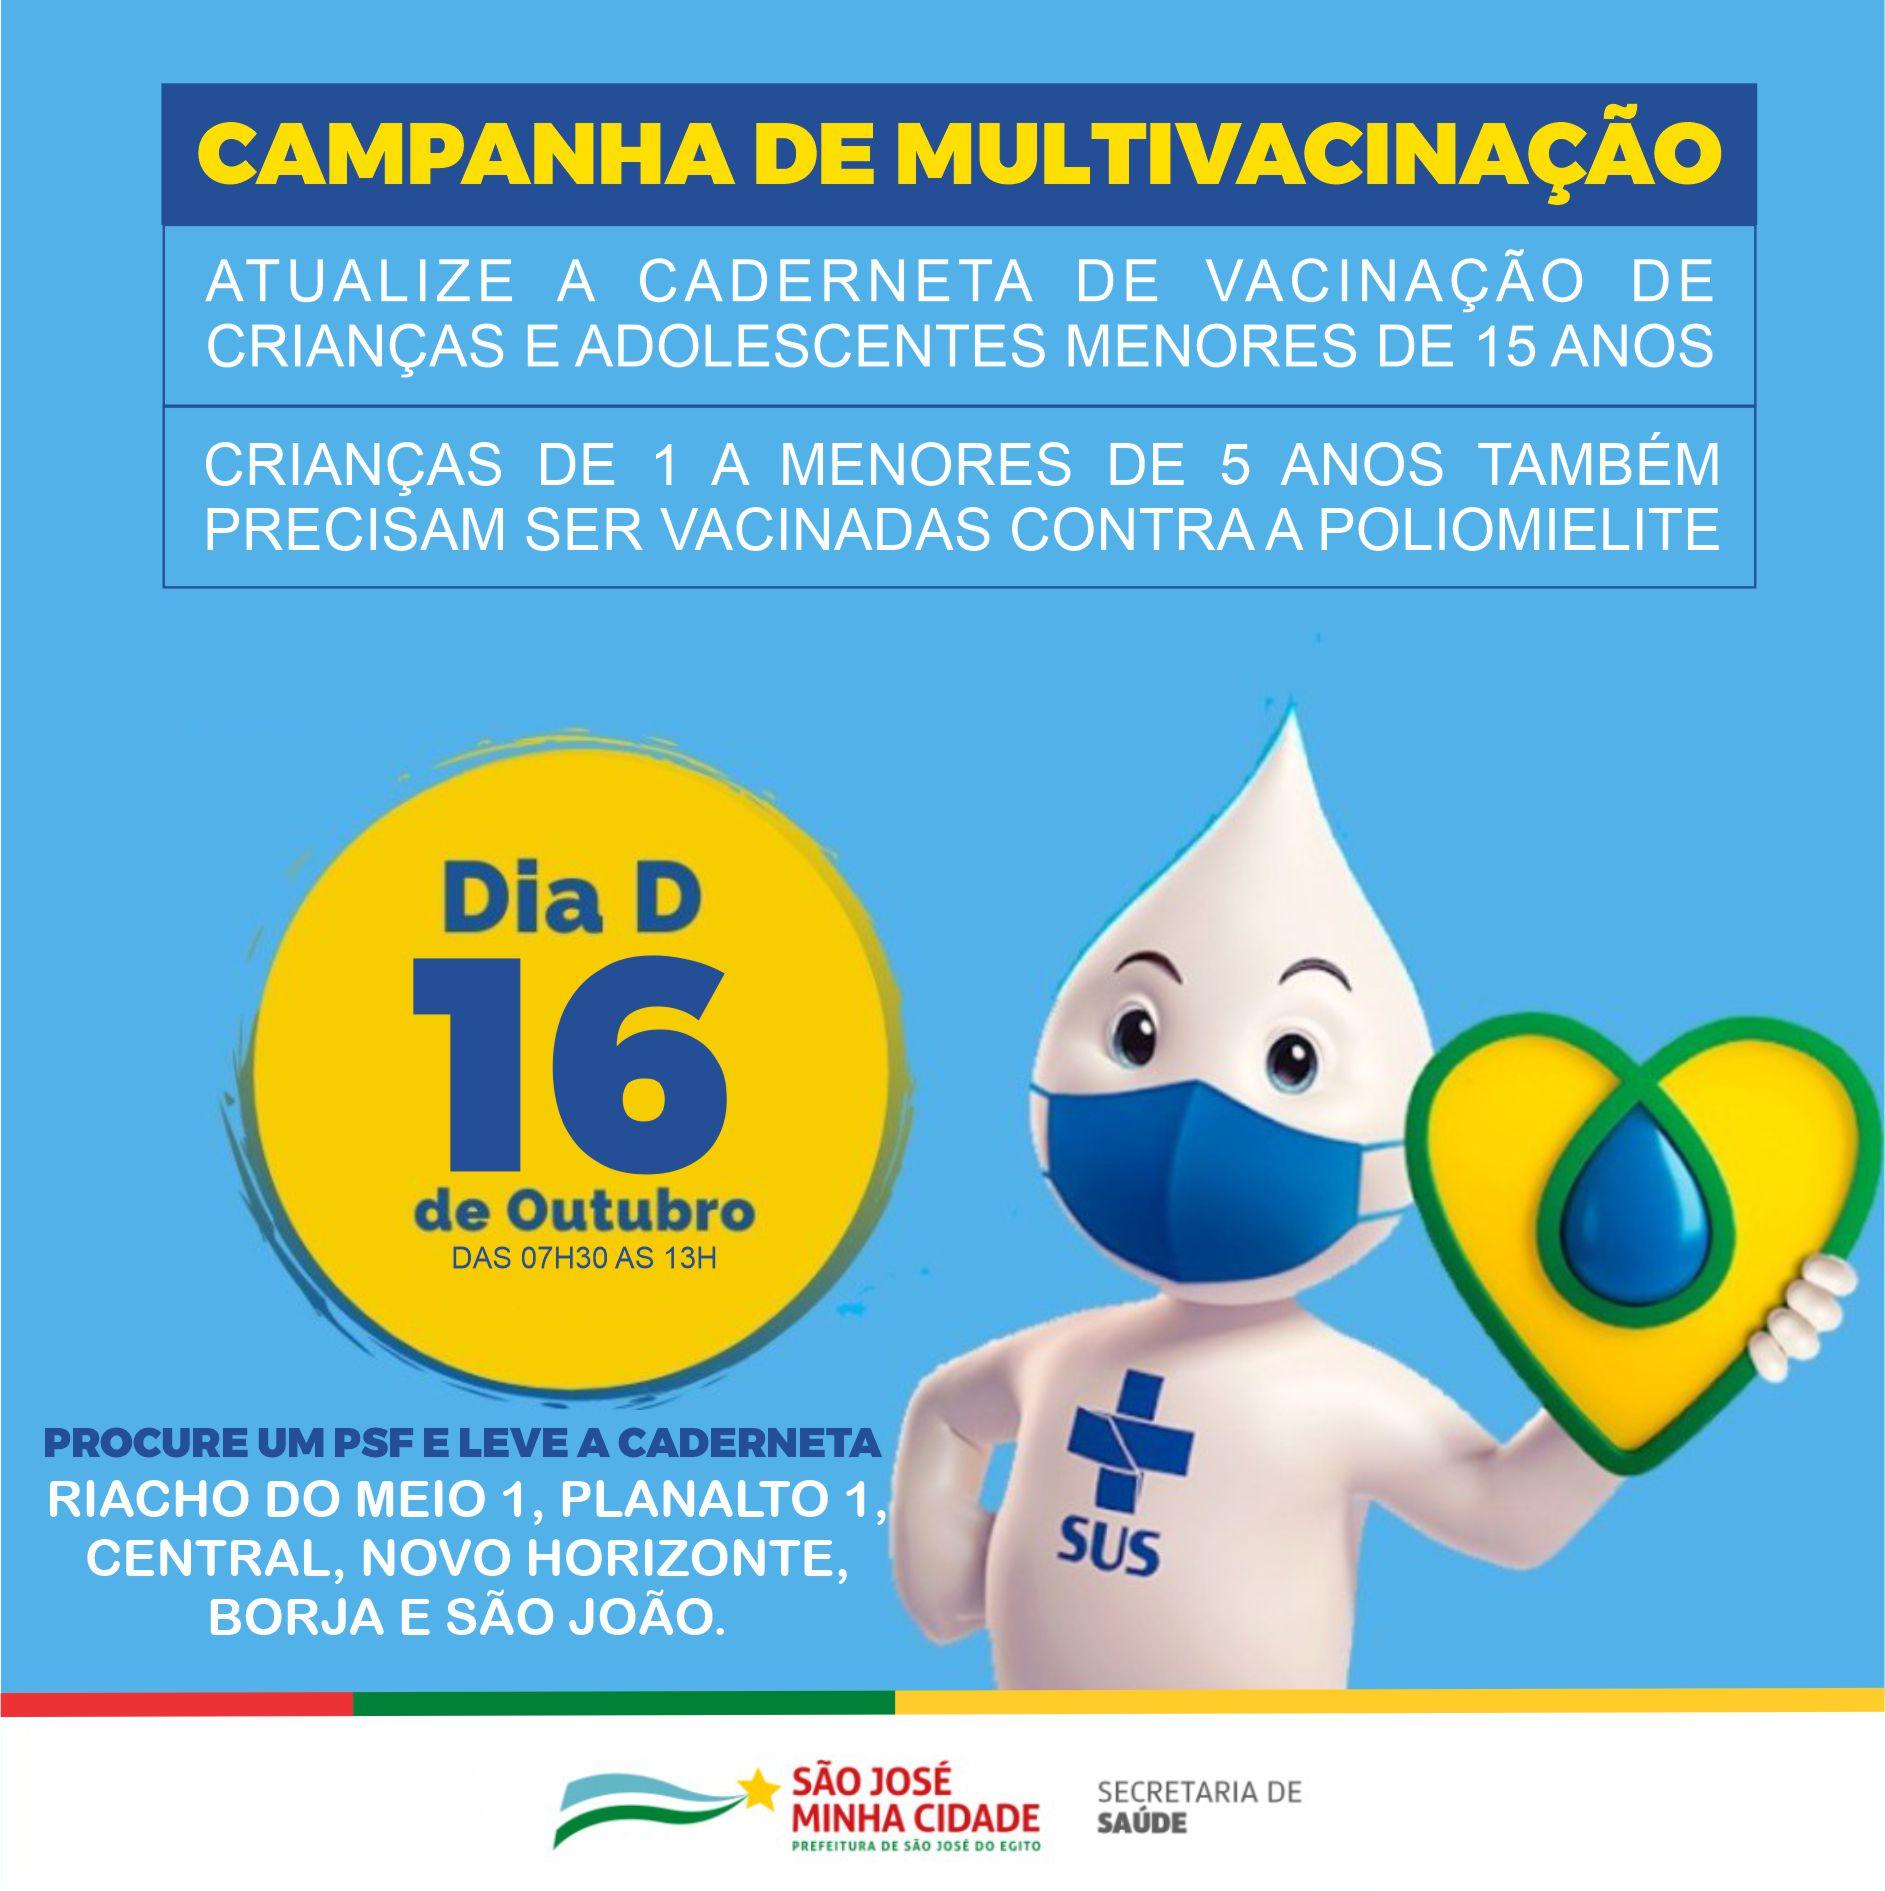 Dia D da campanha de multivacinação será neste sábado (17)